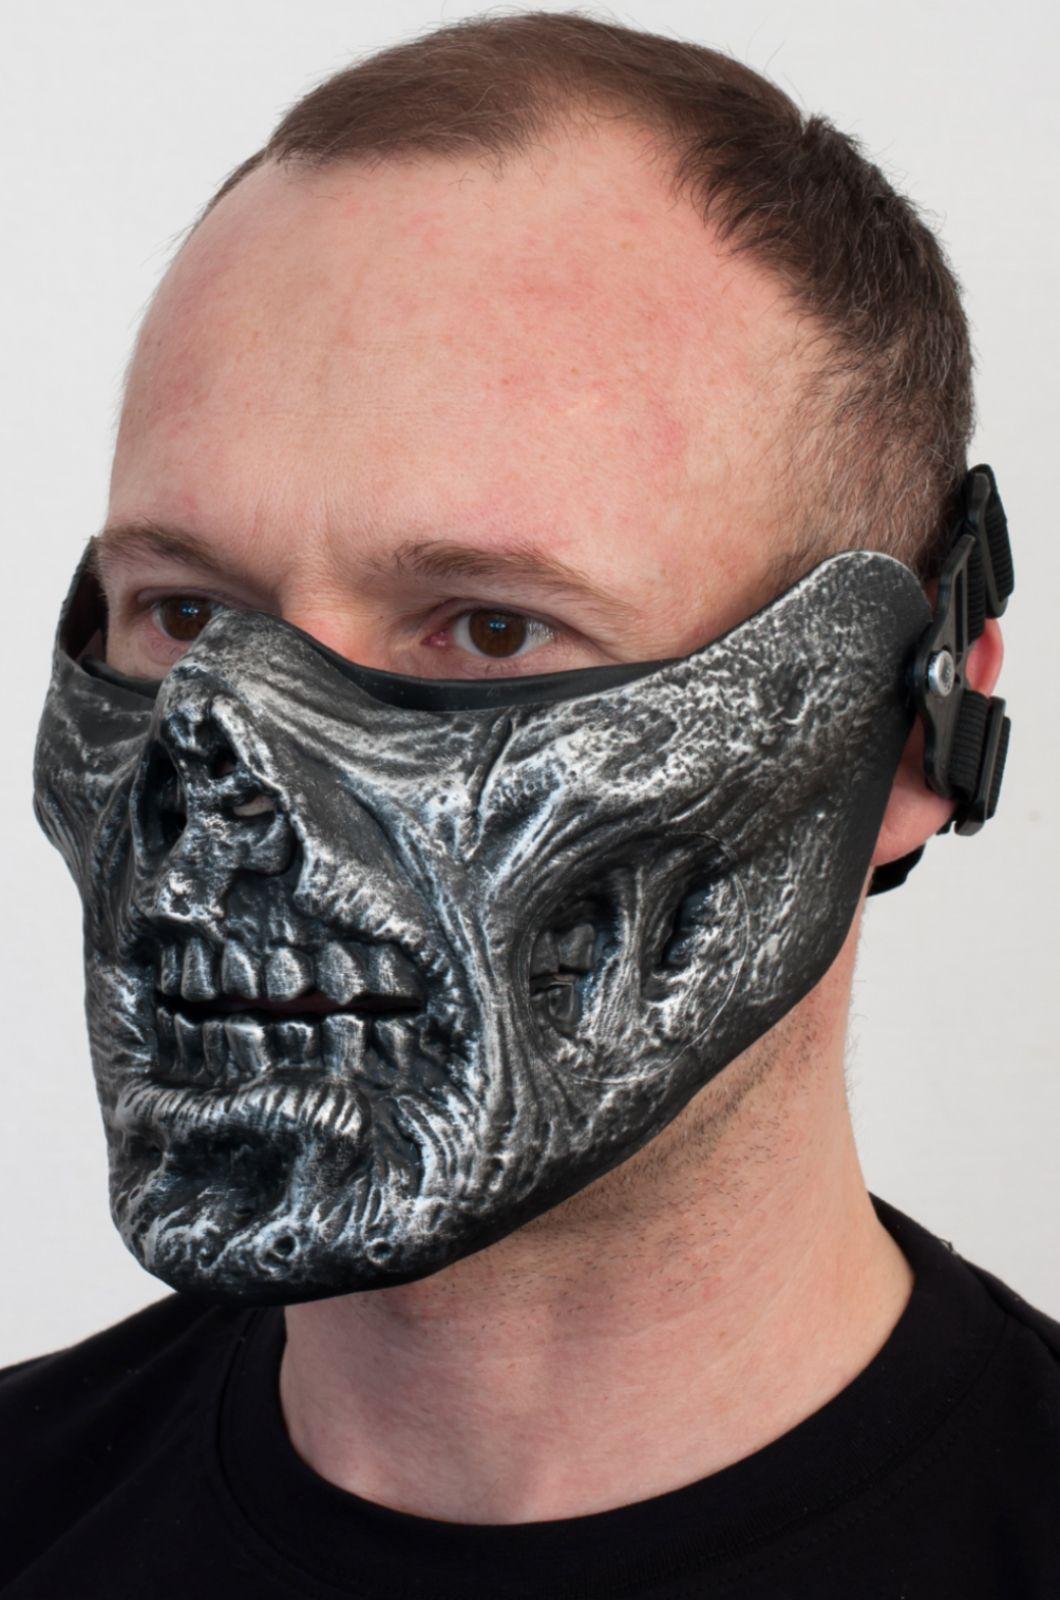 """Купить маску """"Челюсть черепа"""" по специальной цене"""